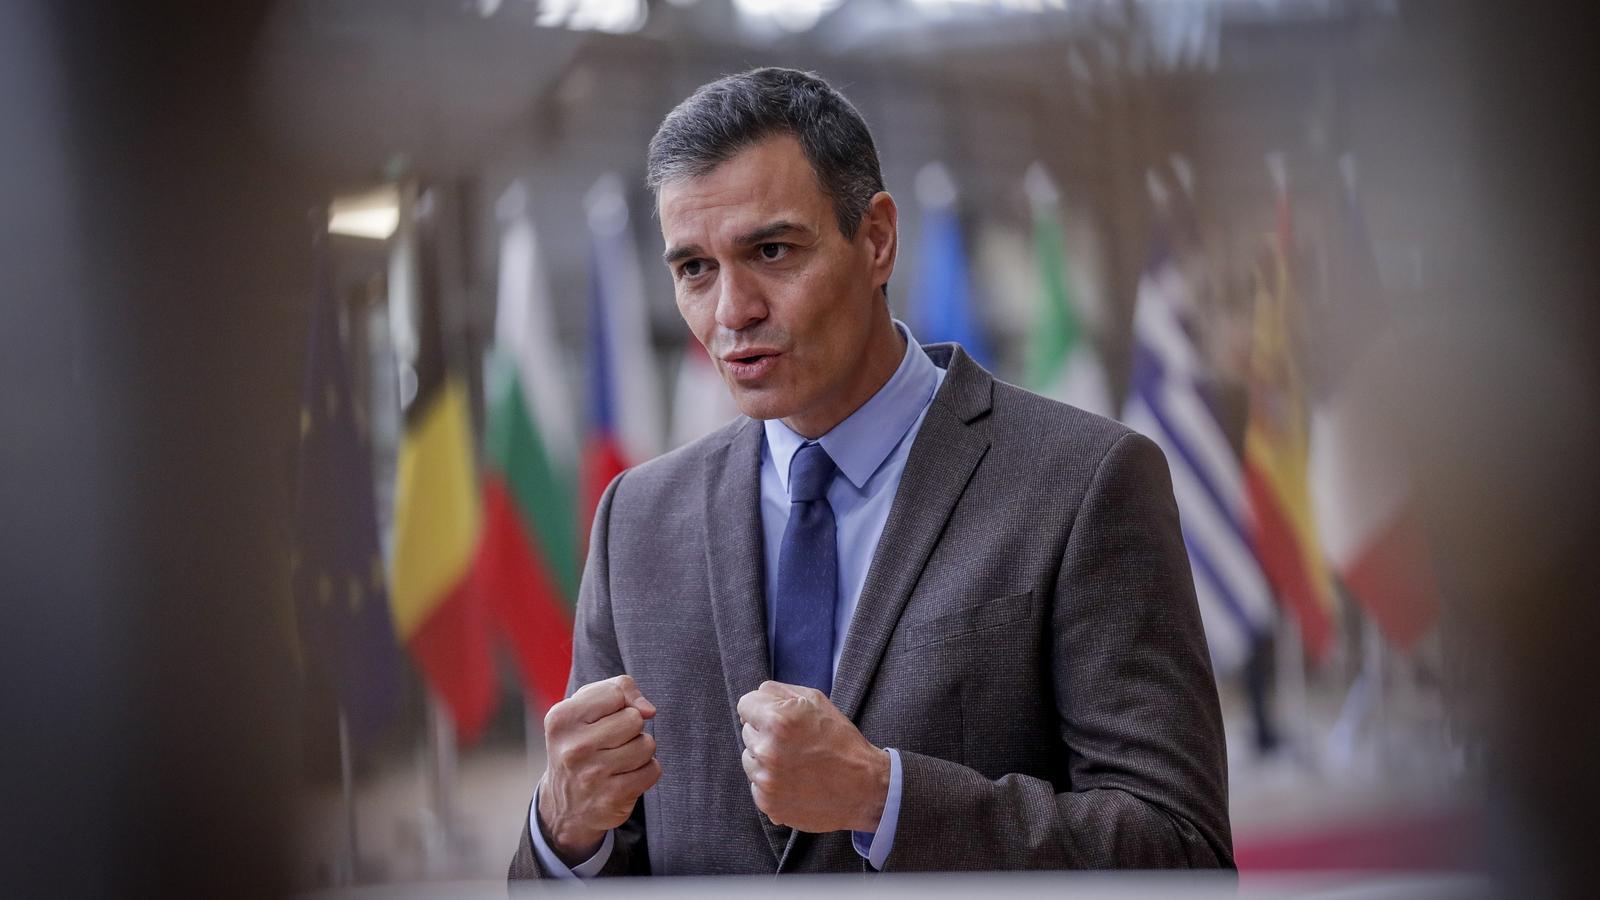 El president del govern espanyol, Pedro Sánchez, durant la reunió del consell europeu a Brussel·les.